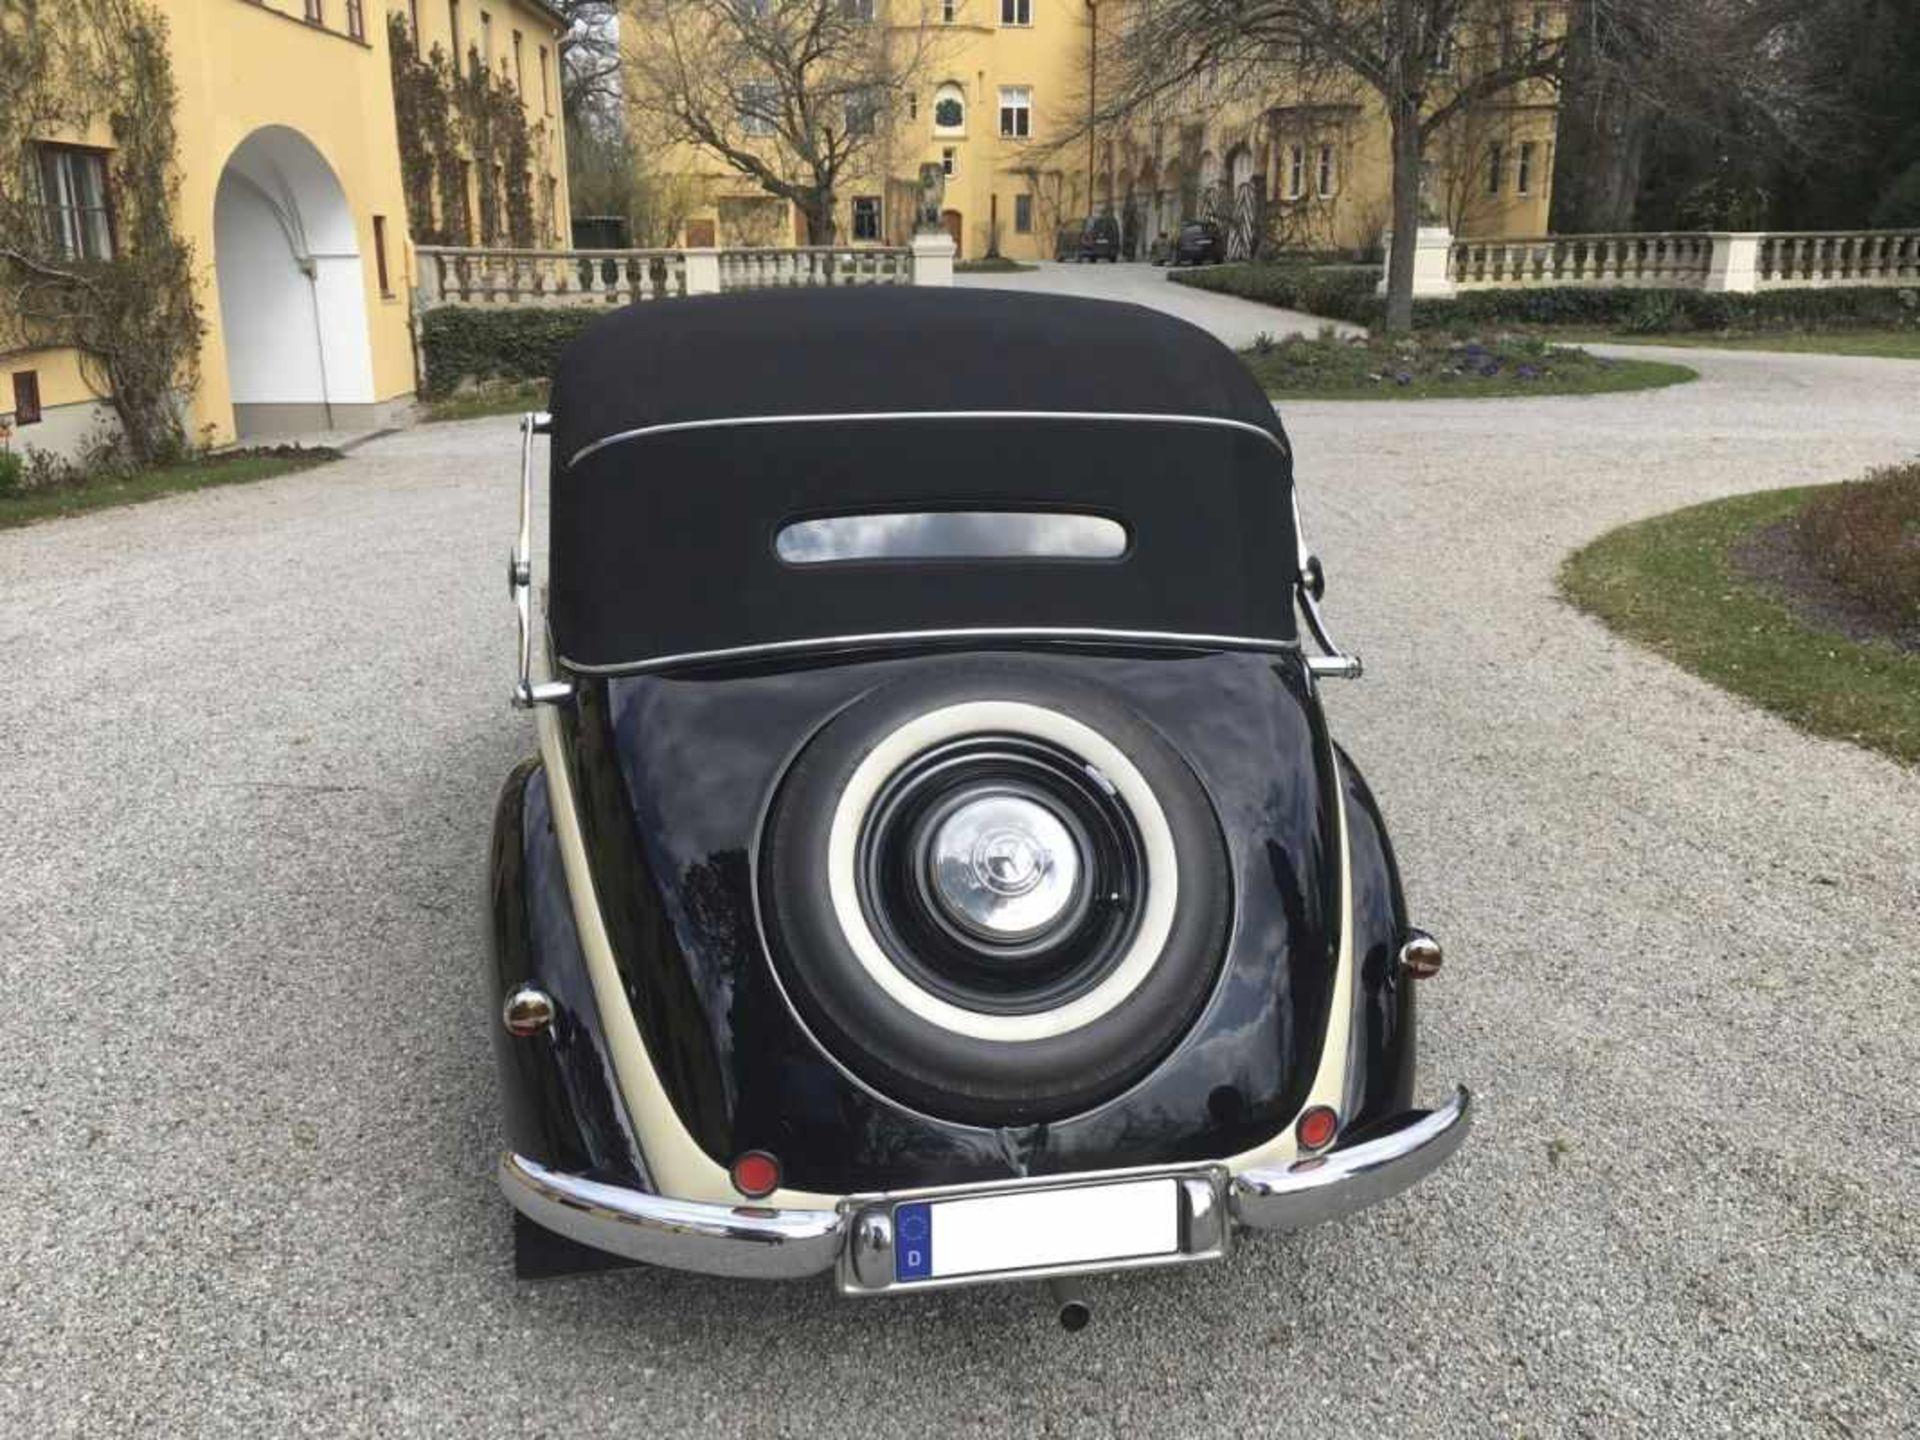 Mercedes Benz Type 170 VW 136 series, Cabriolet 2-door, four-cylinder, 1,697 cc Year of construction - Bild 7 aus 14